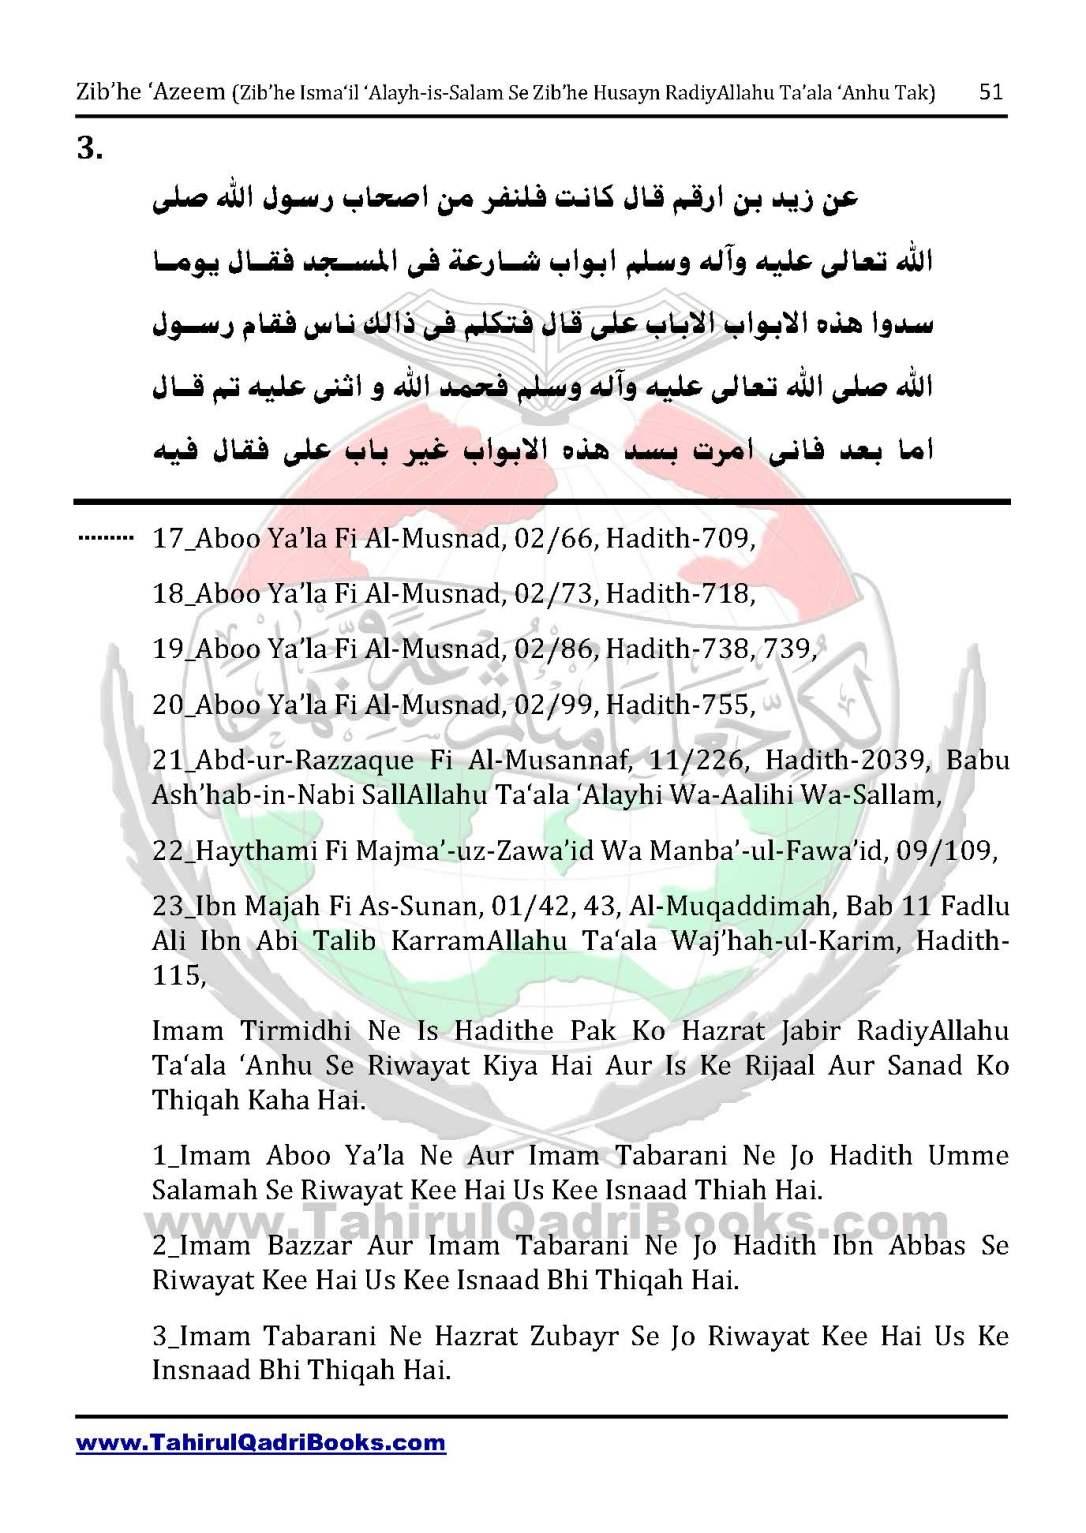 zib_he-e28098azeem-zib_he-ismacabbil-se-zib_he-husayn-tak-in-roman-urdu-unlocked_Page_051